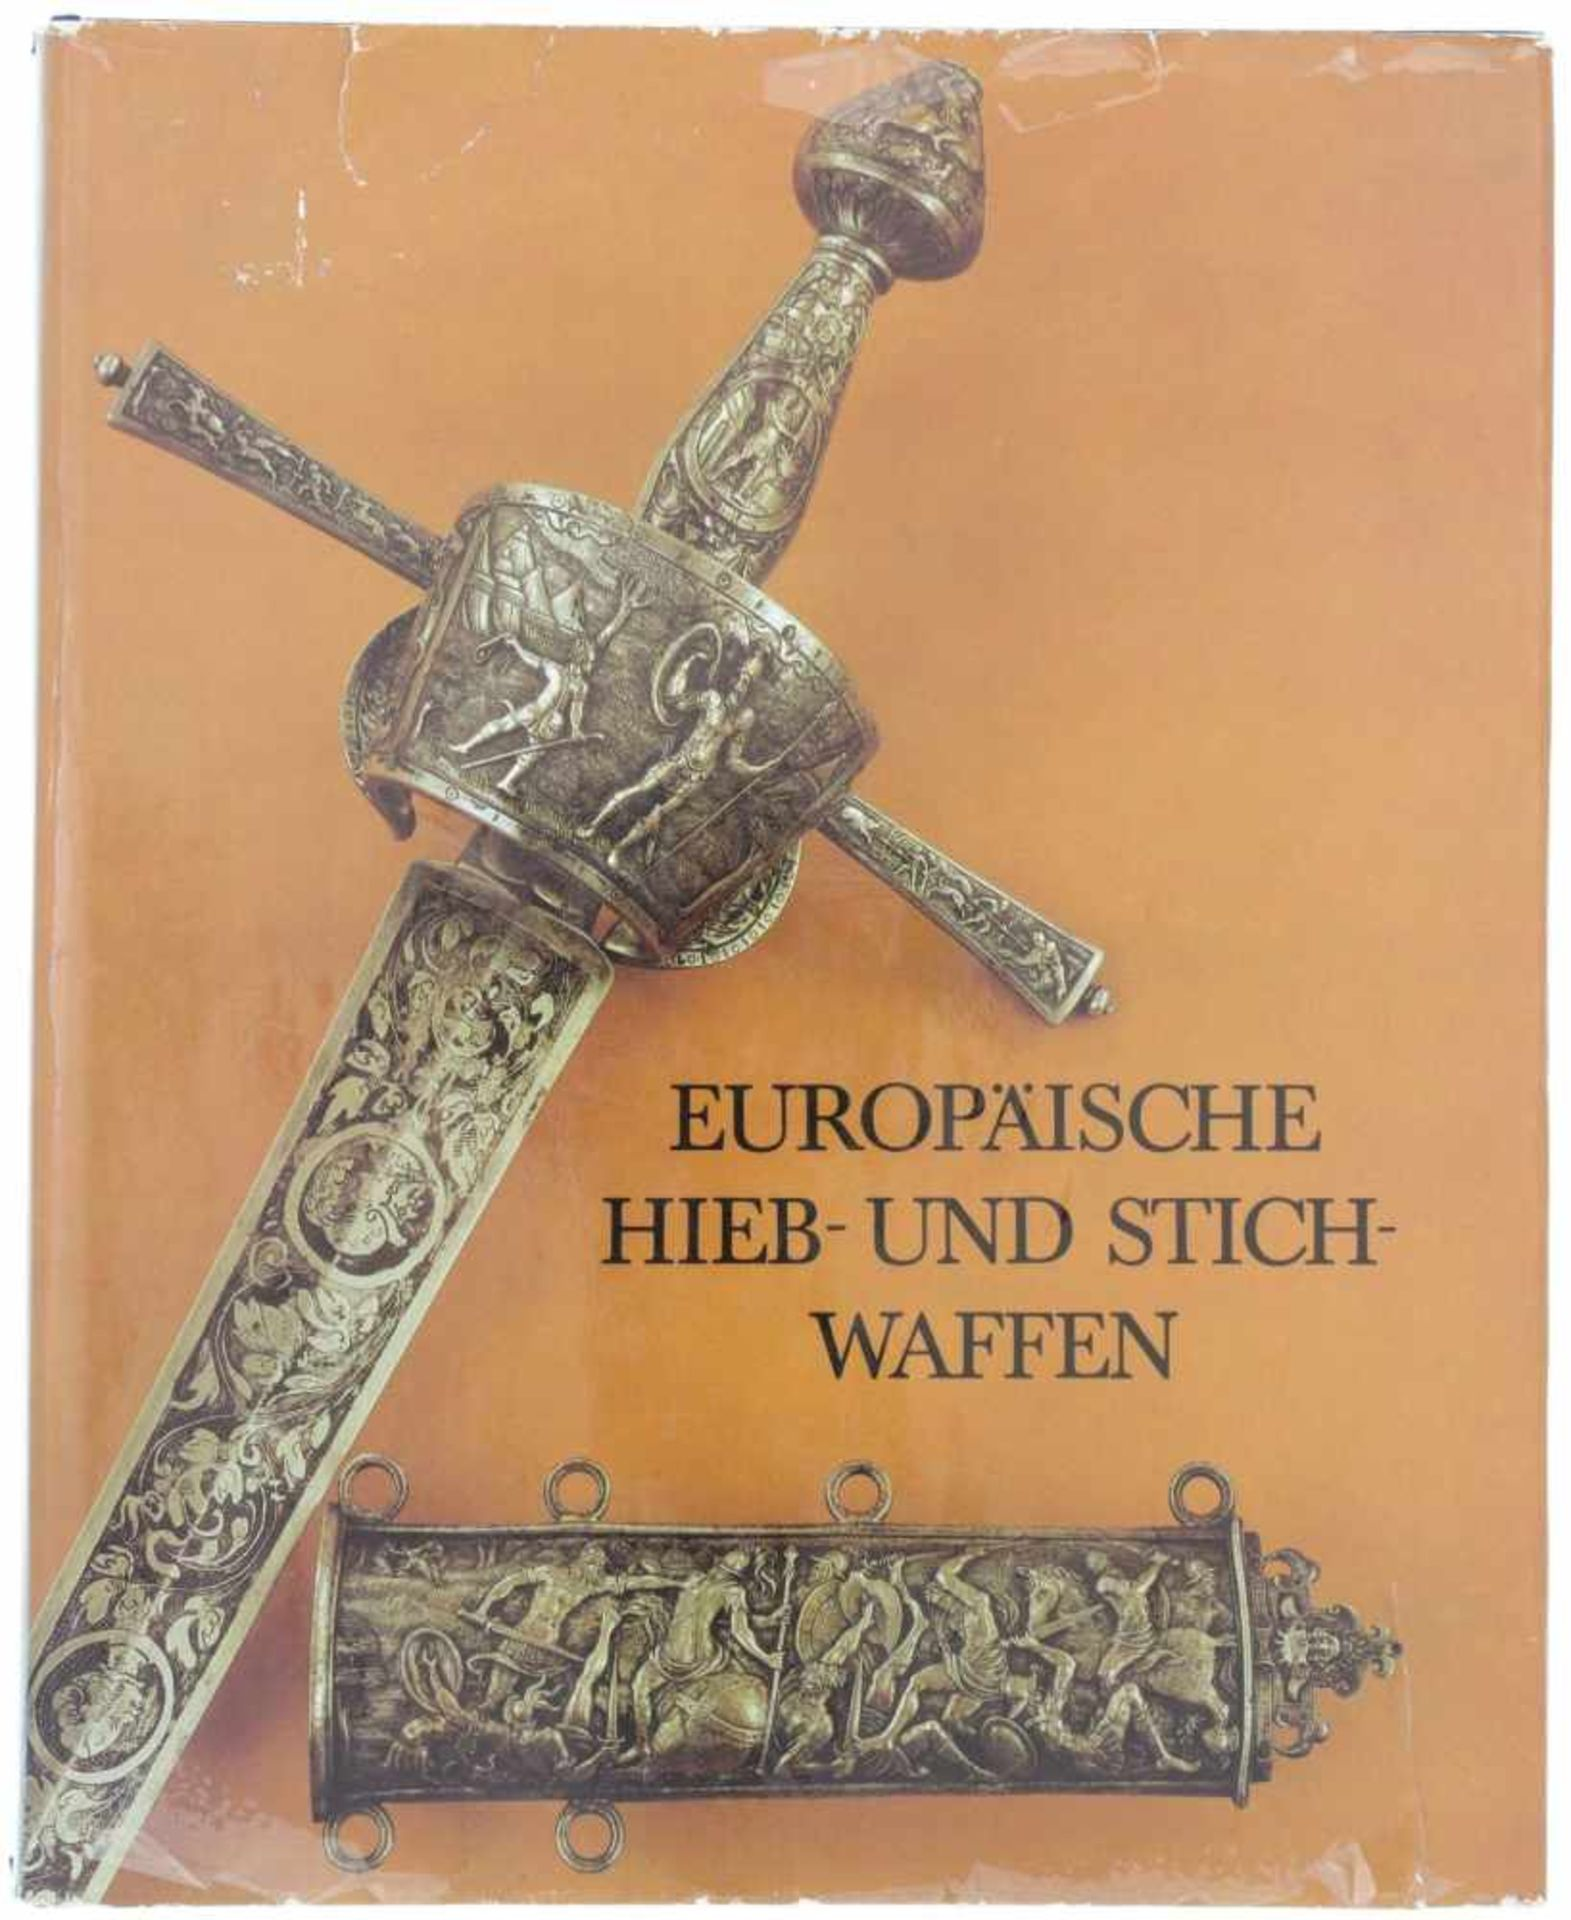 Europäische Hieb- und Stichwaffen<